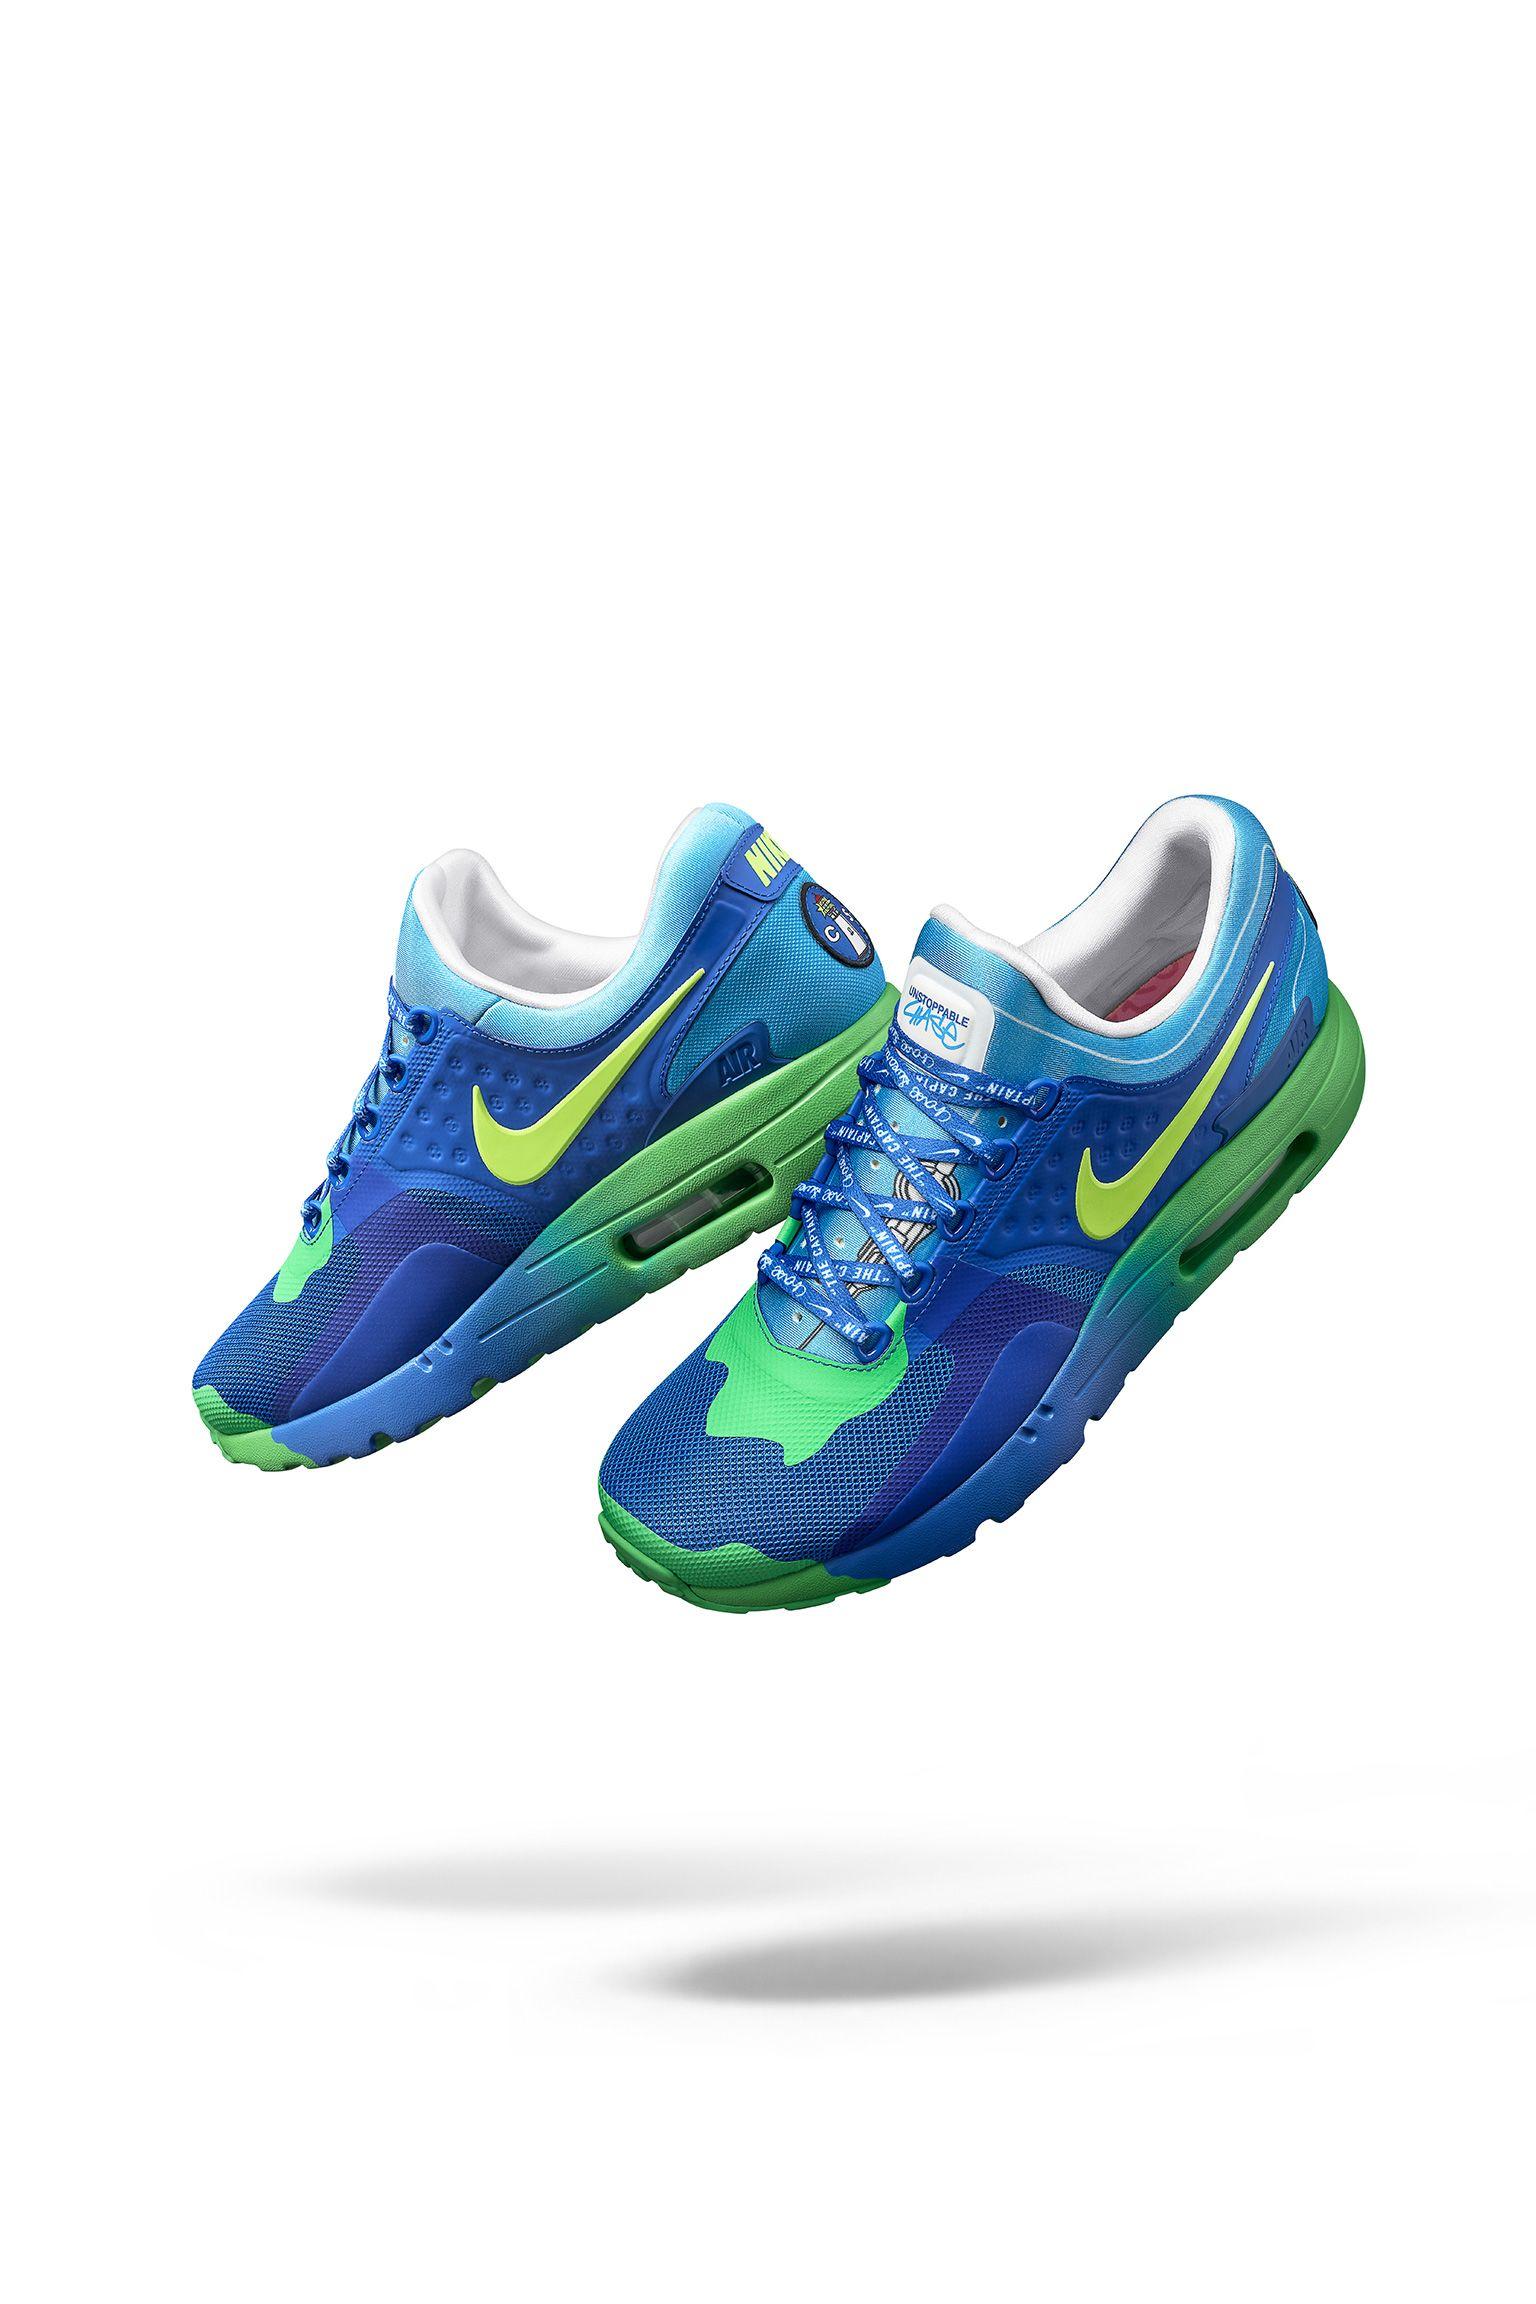 Nike Air Max Zero Doernbecher 'Hyper Cobalt' Release Date